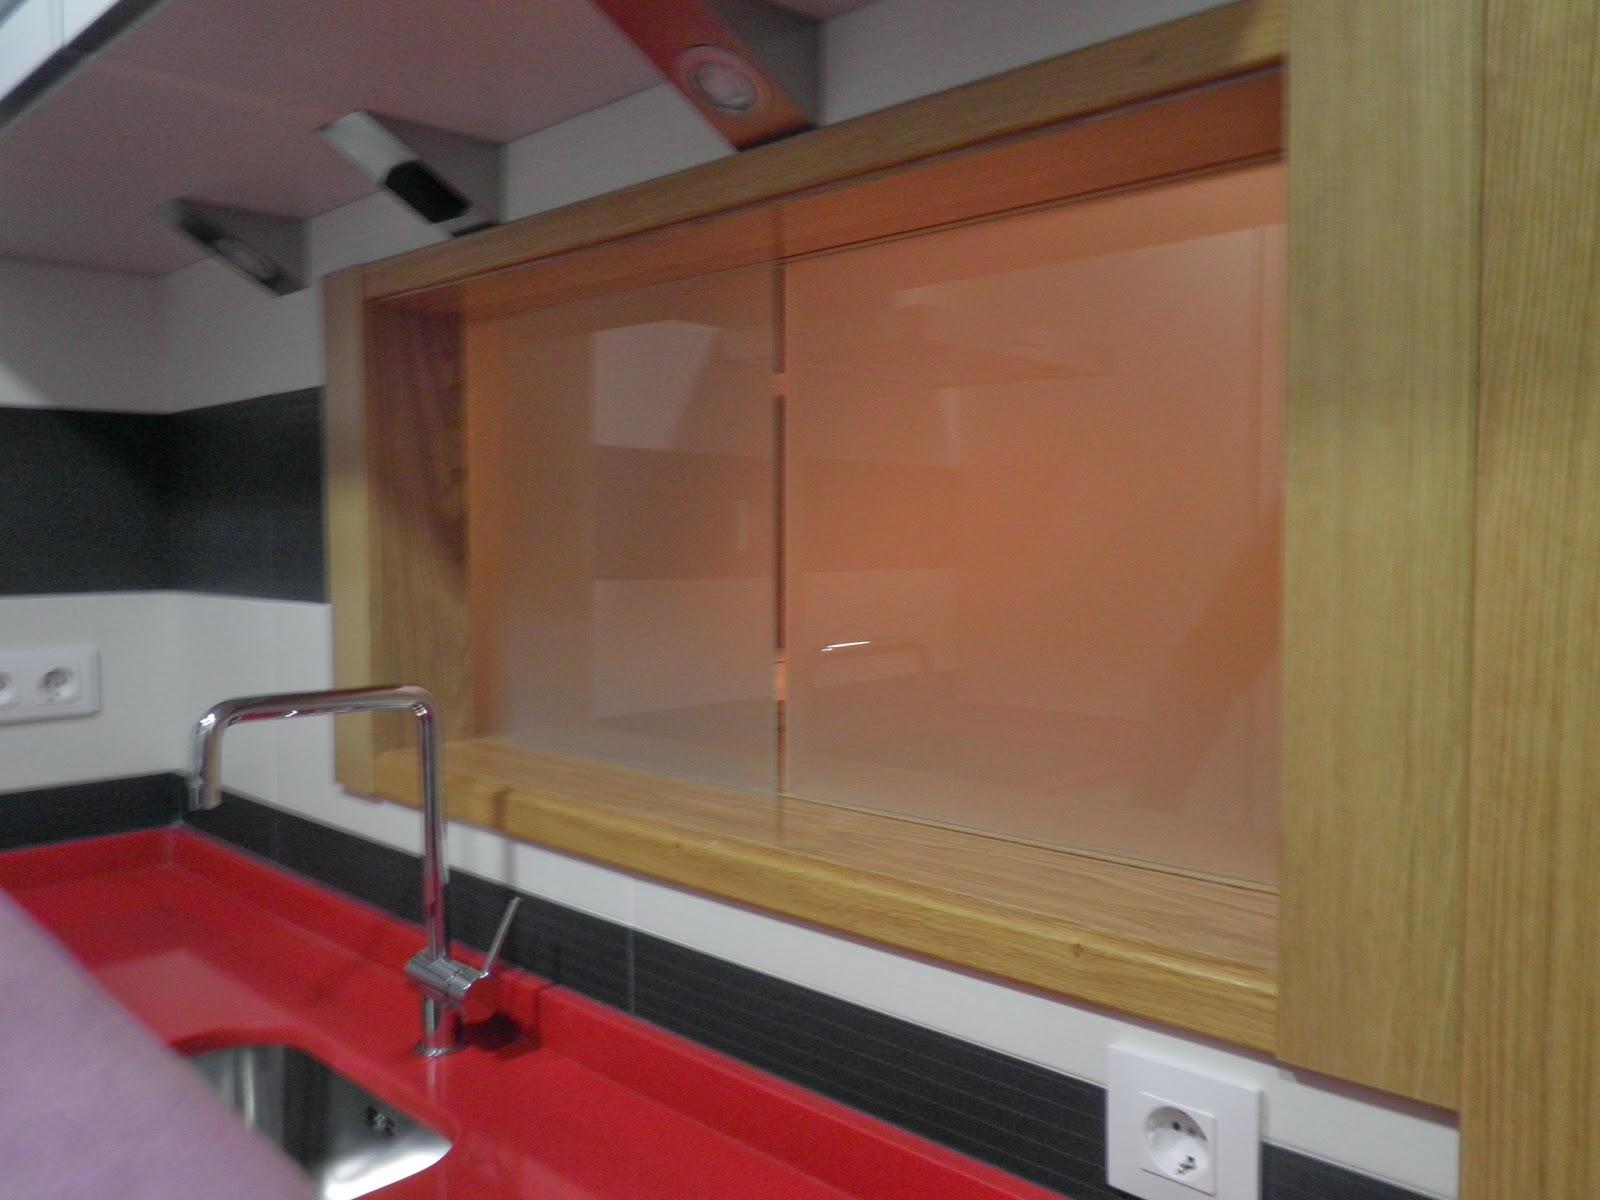 Interiorismo y decoracion lola torga cocina integrada y - Pasaplatos cocina ...